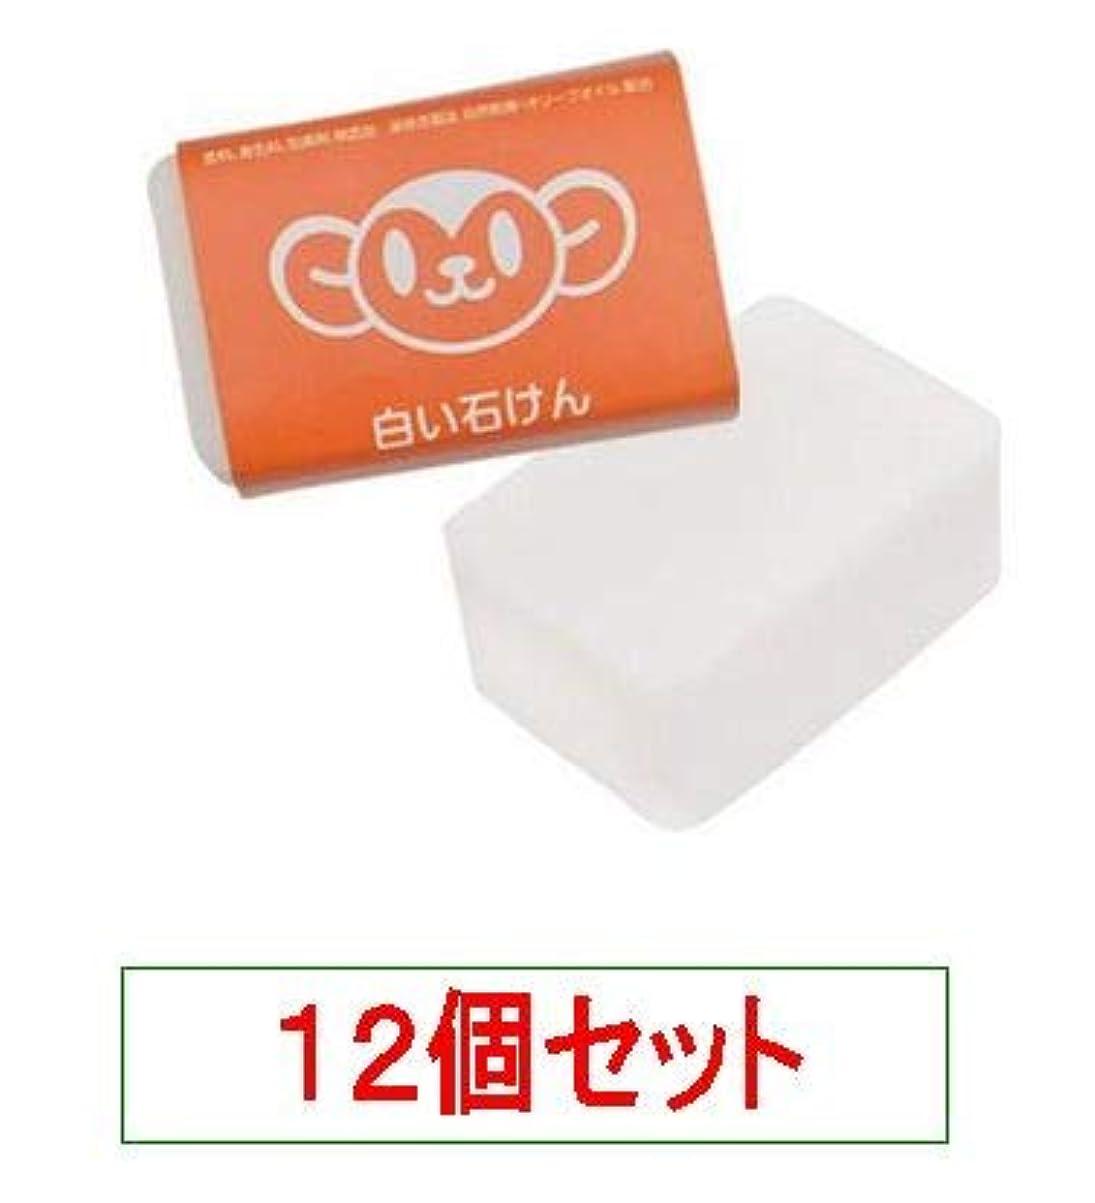 欺く風一ハイム むーくんシリーズ 白い石けん 120g<無添加の洗顔、入浴用>X12個セット